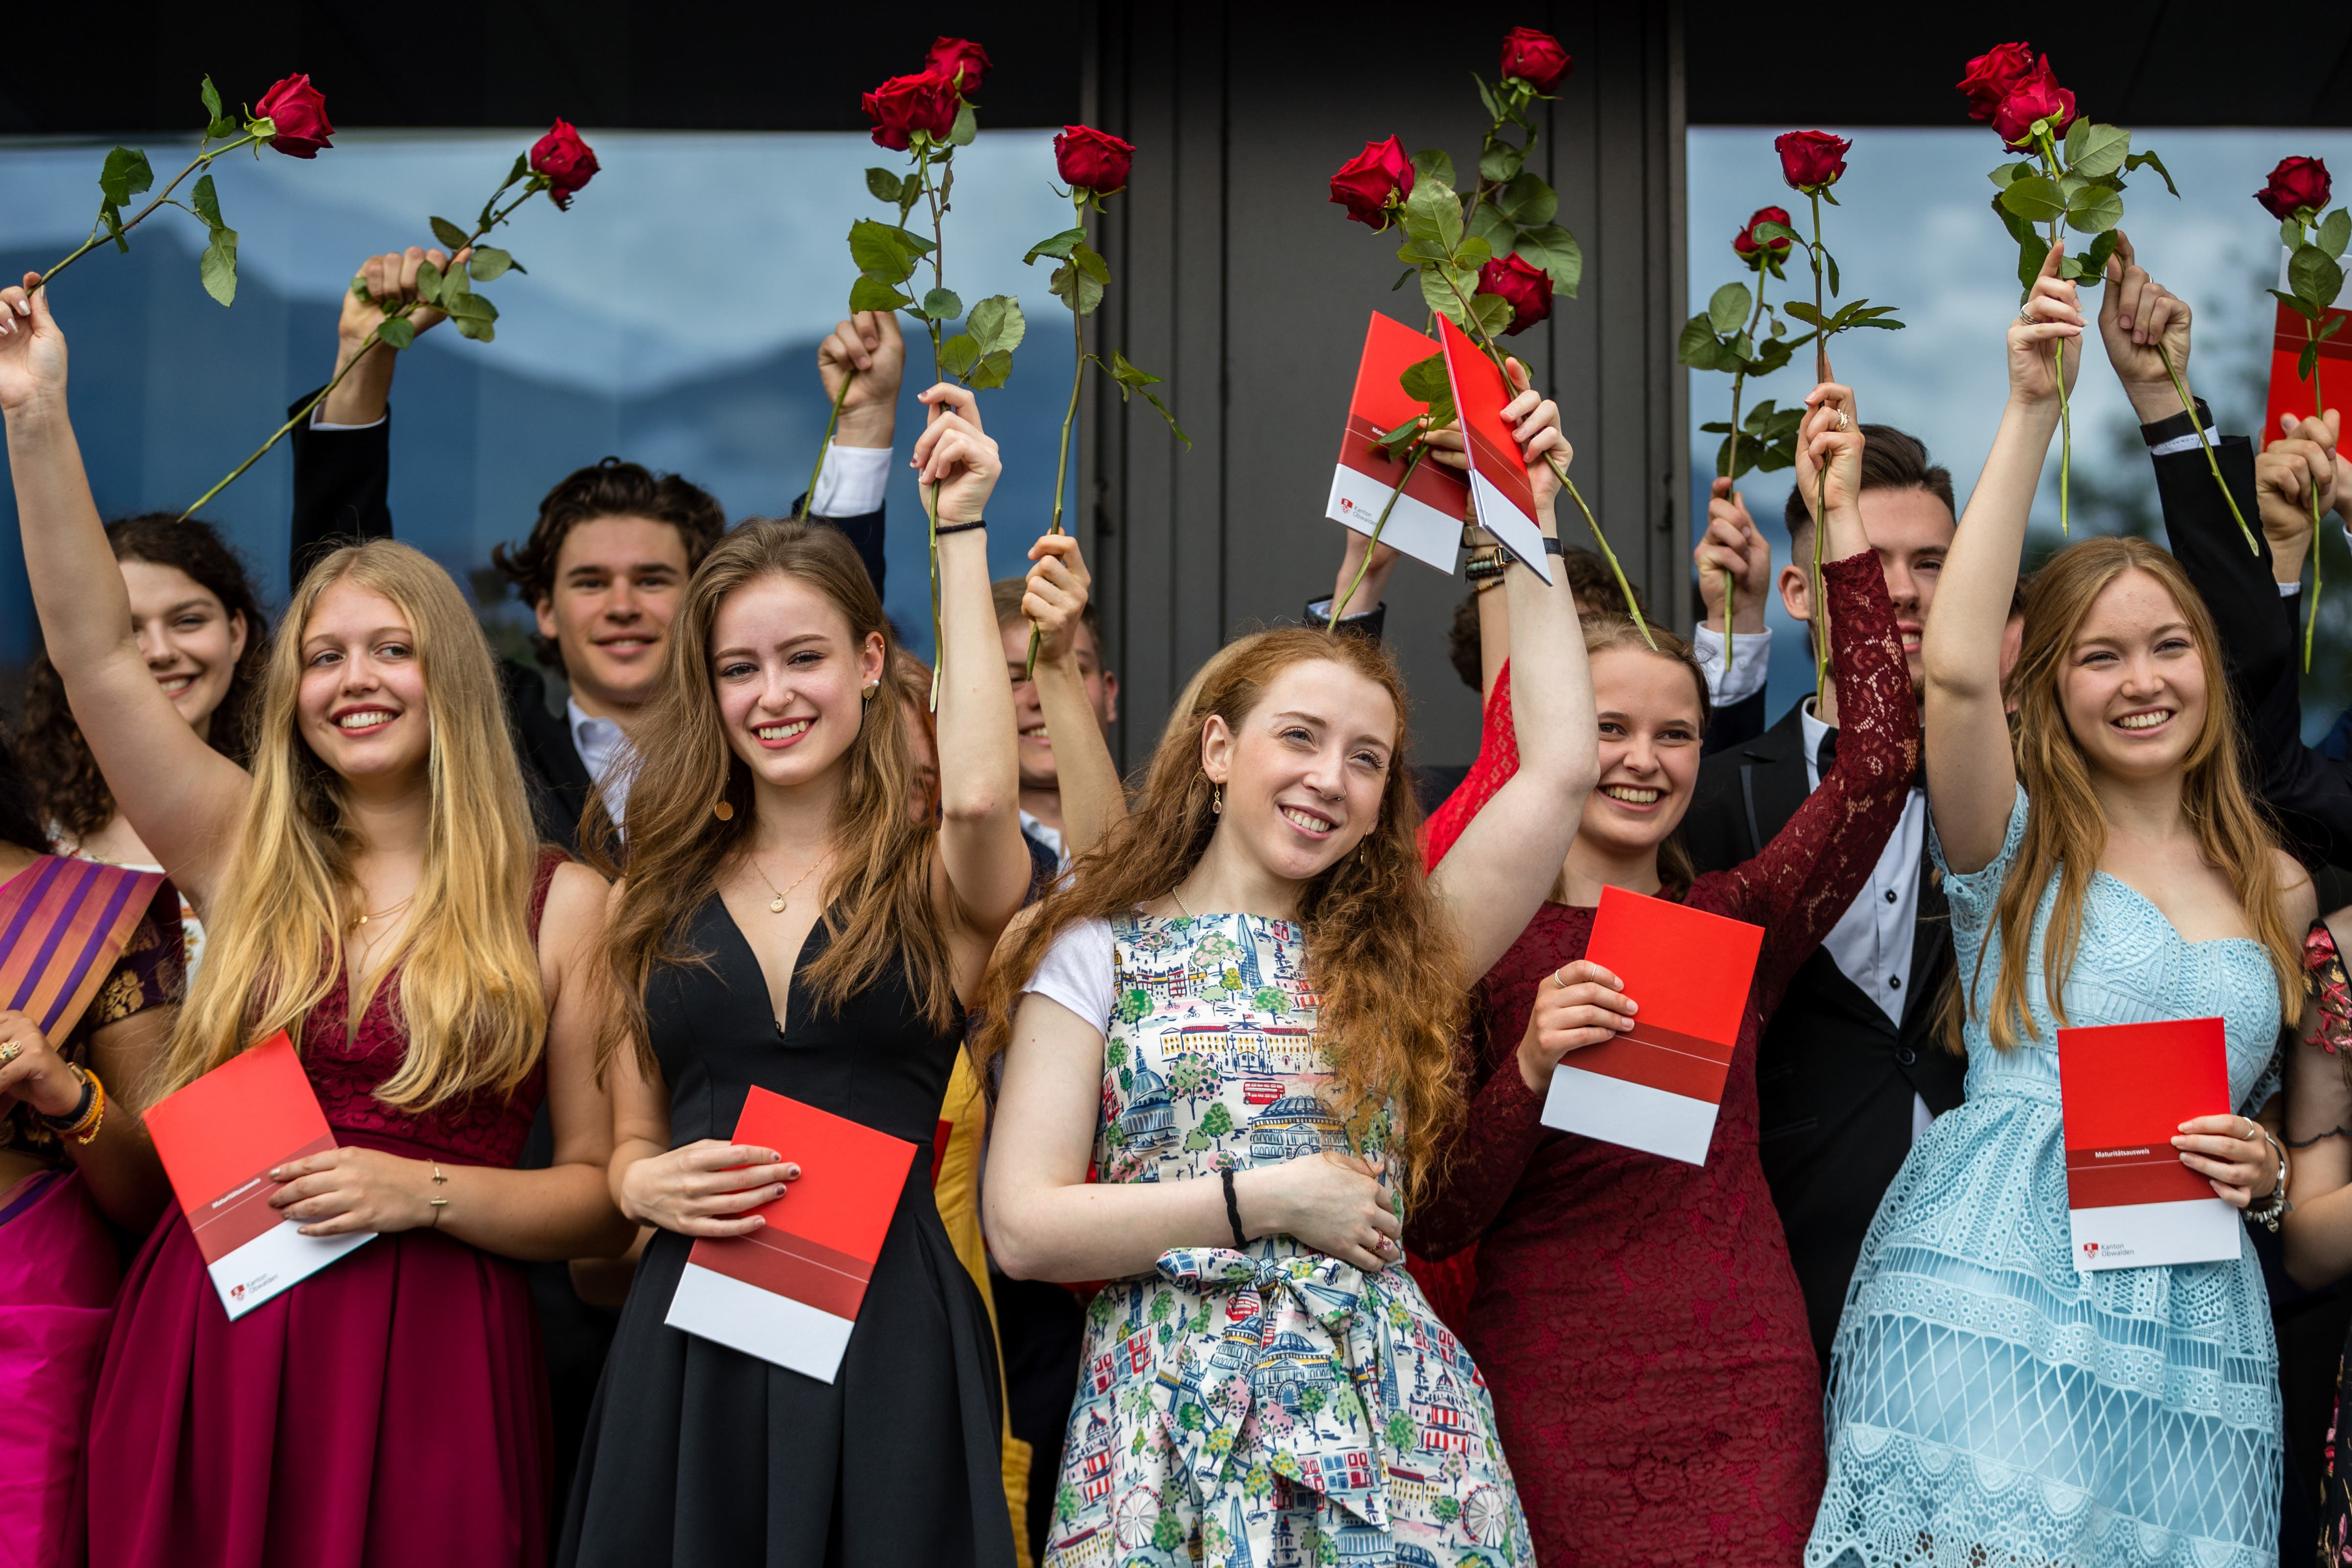 Impressionen von der Maturafeier an der Kantonsschule Obwalden. (Bilder: Philipp Schmidli, 15. Juni 2019)